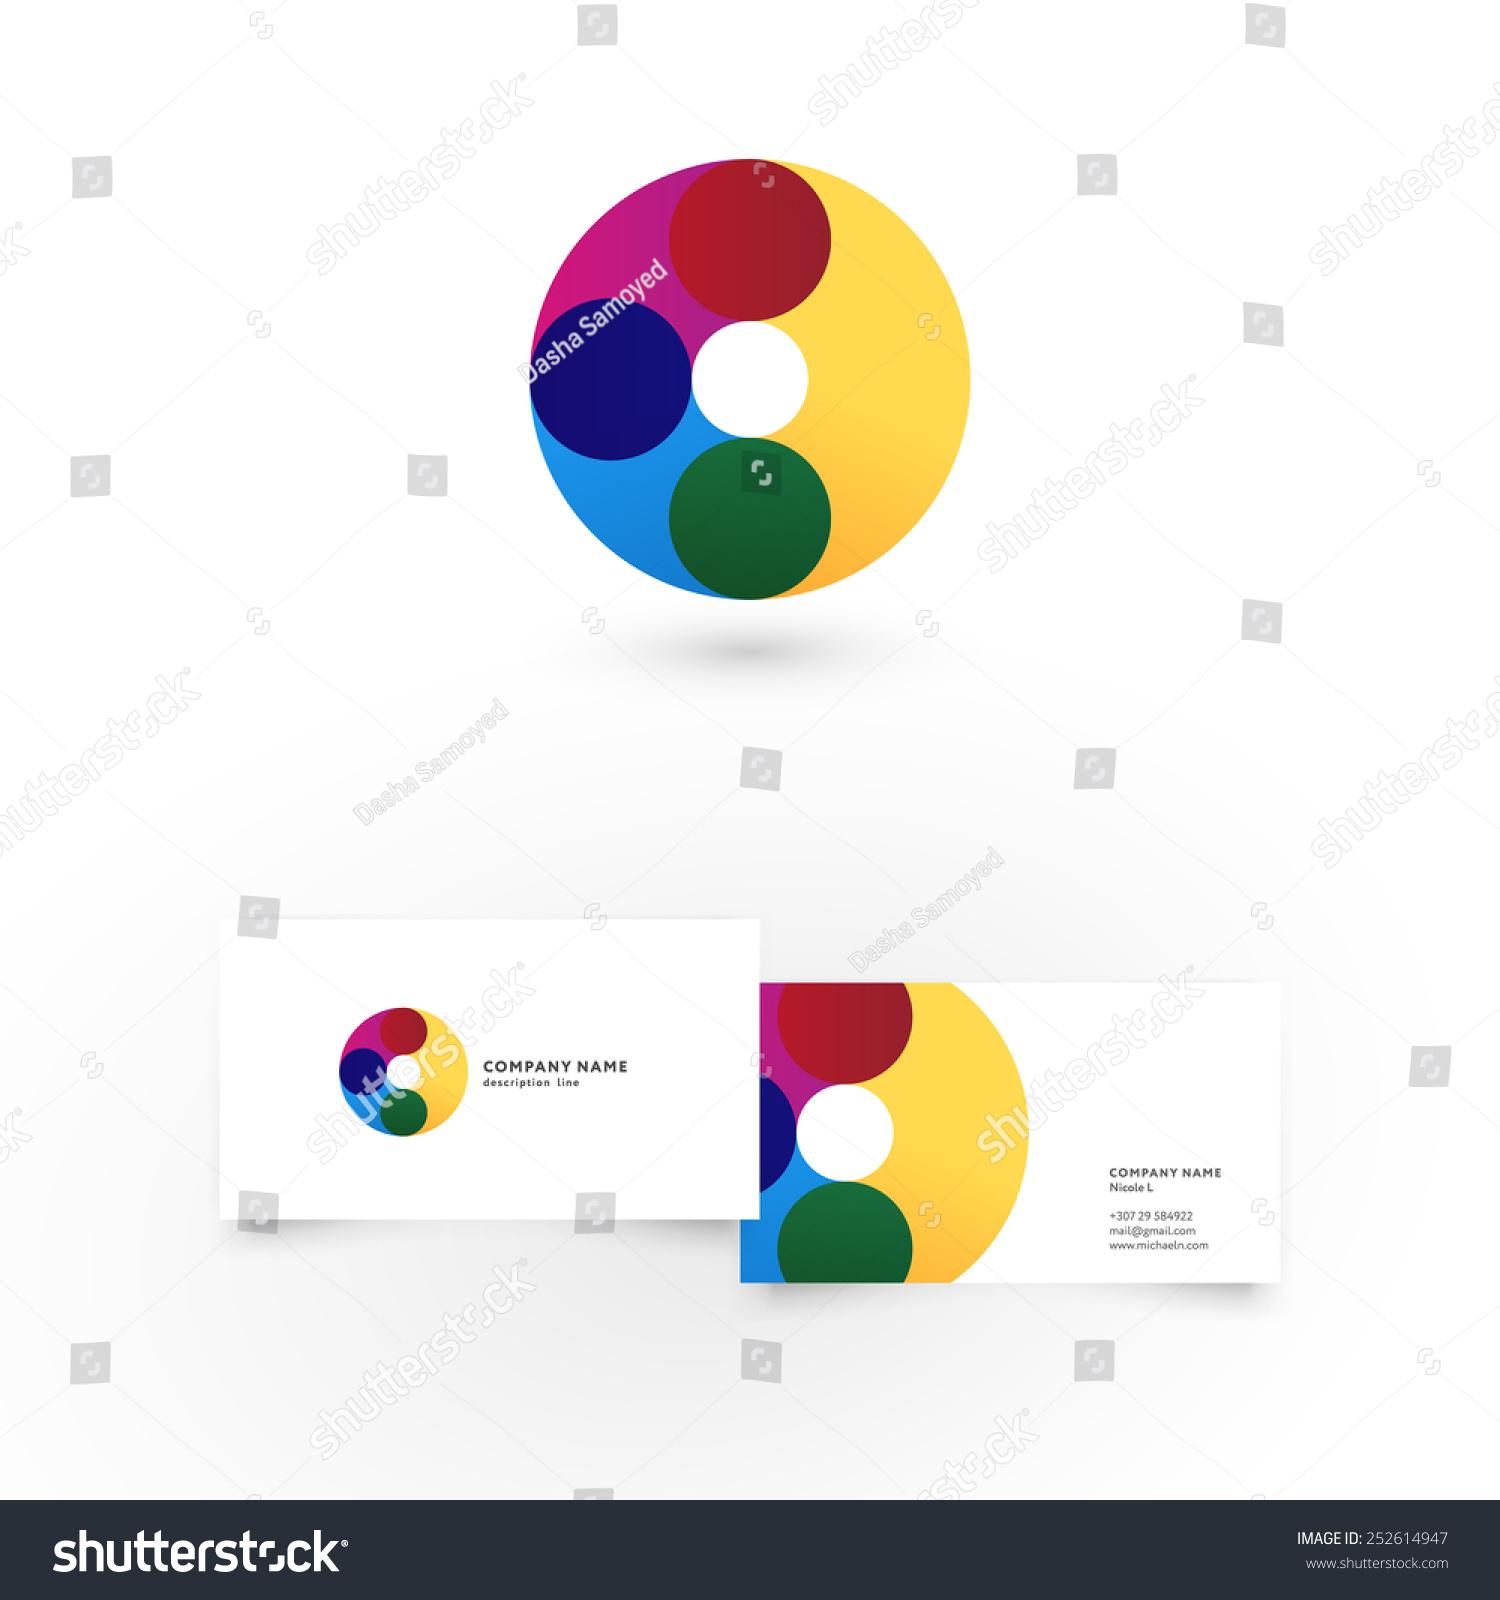 modern icon design o letter shape stock vector